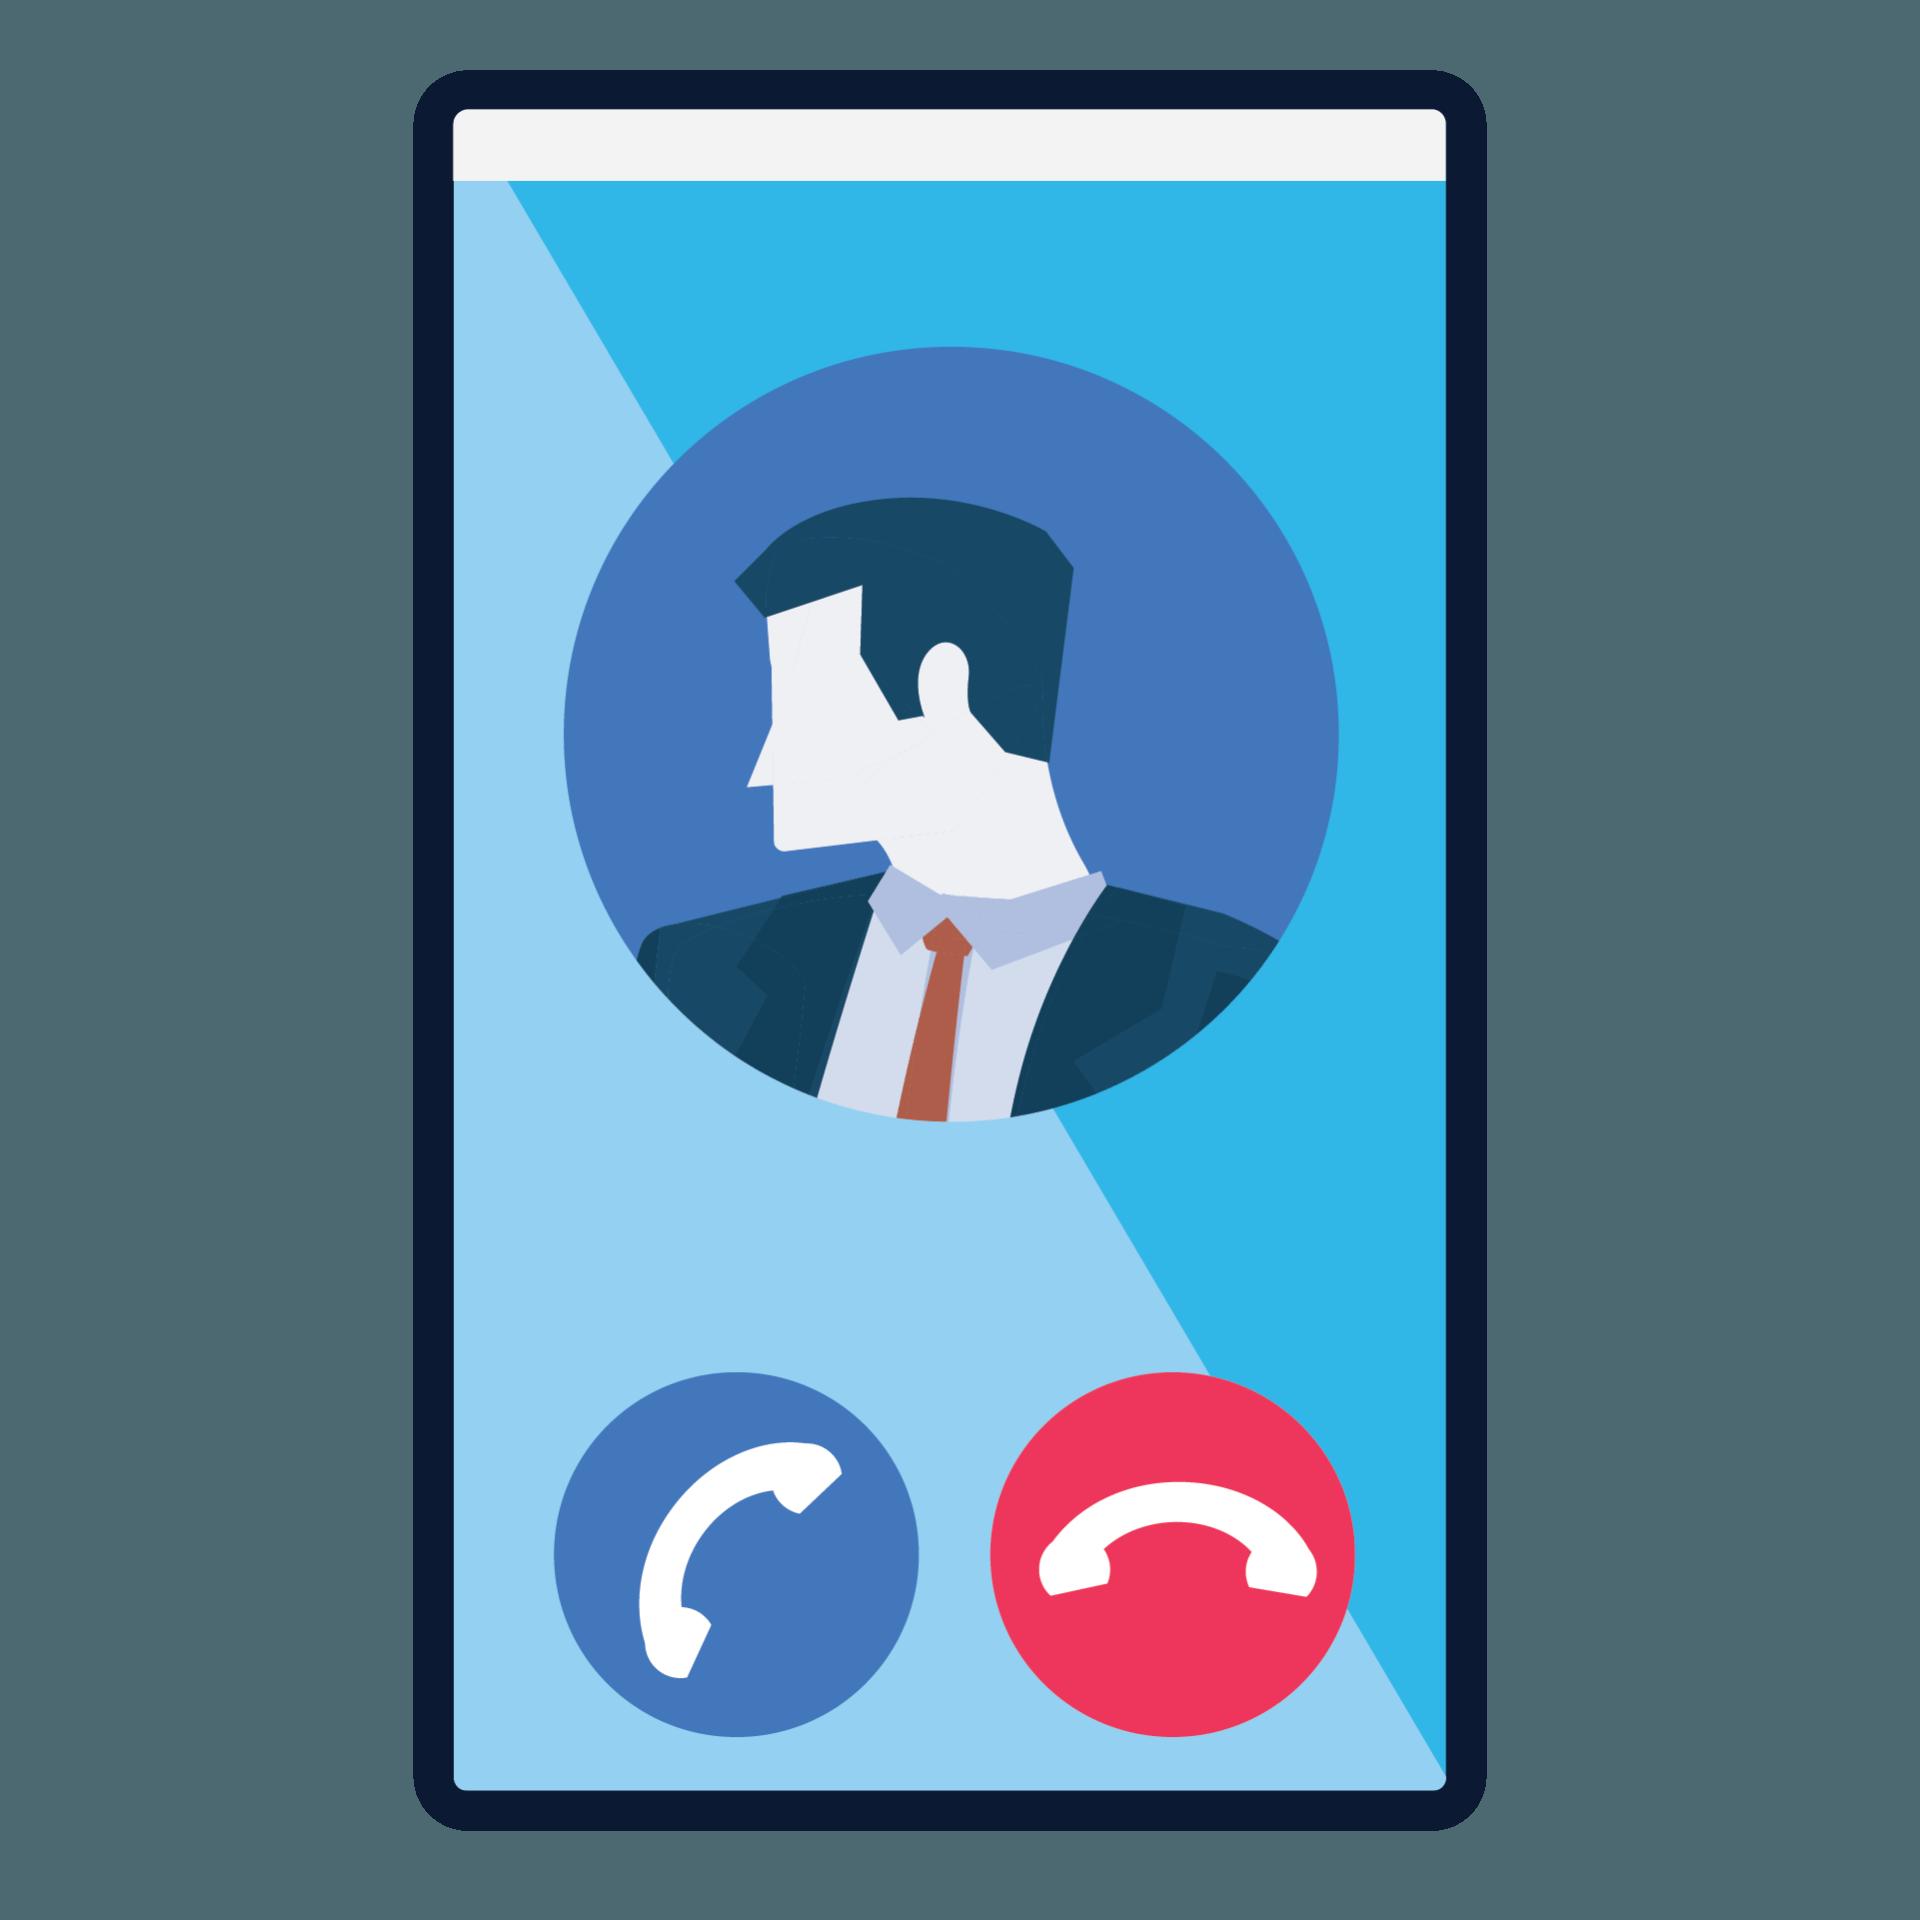 Telco Icon